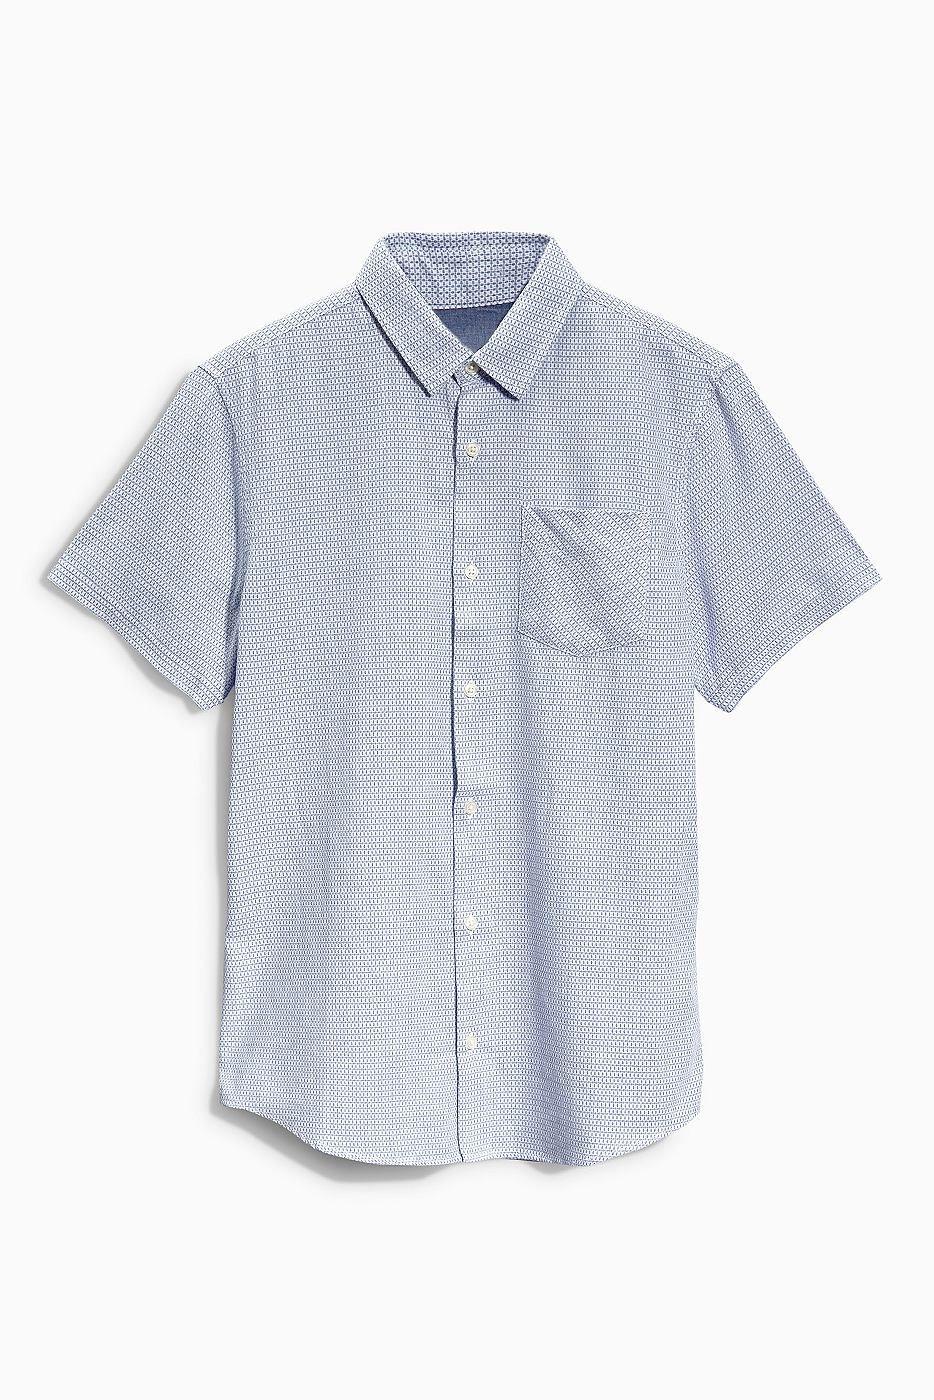 Strukturiertes Hemd  100 % Baumwolle.  ...